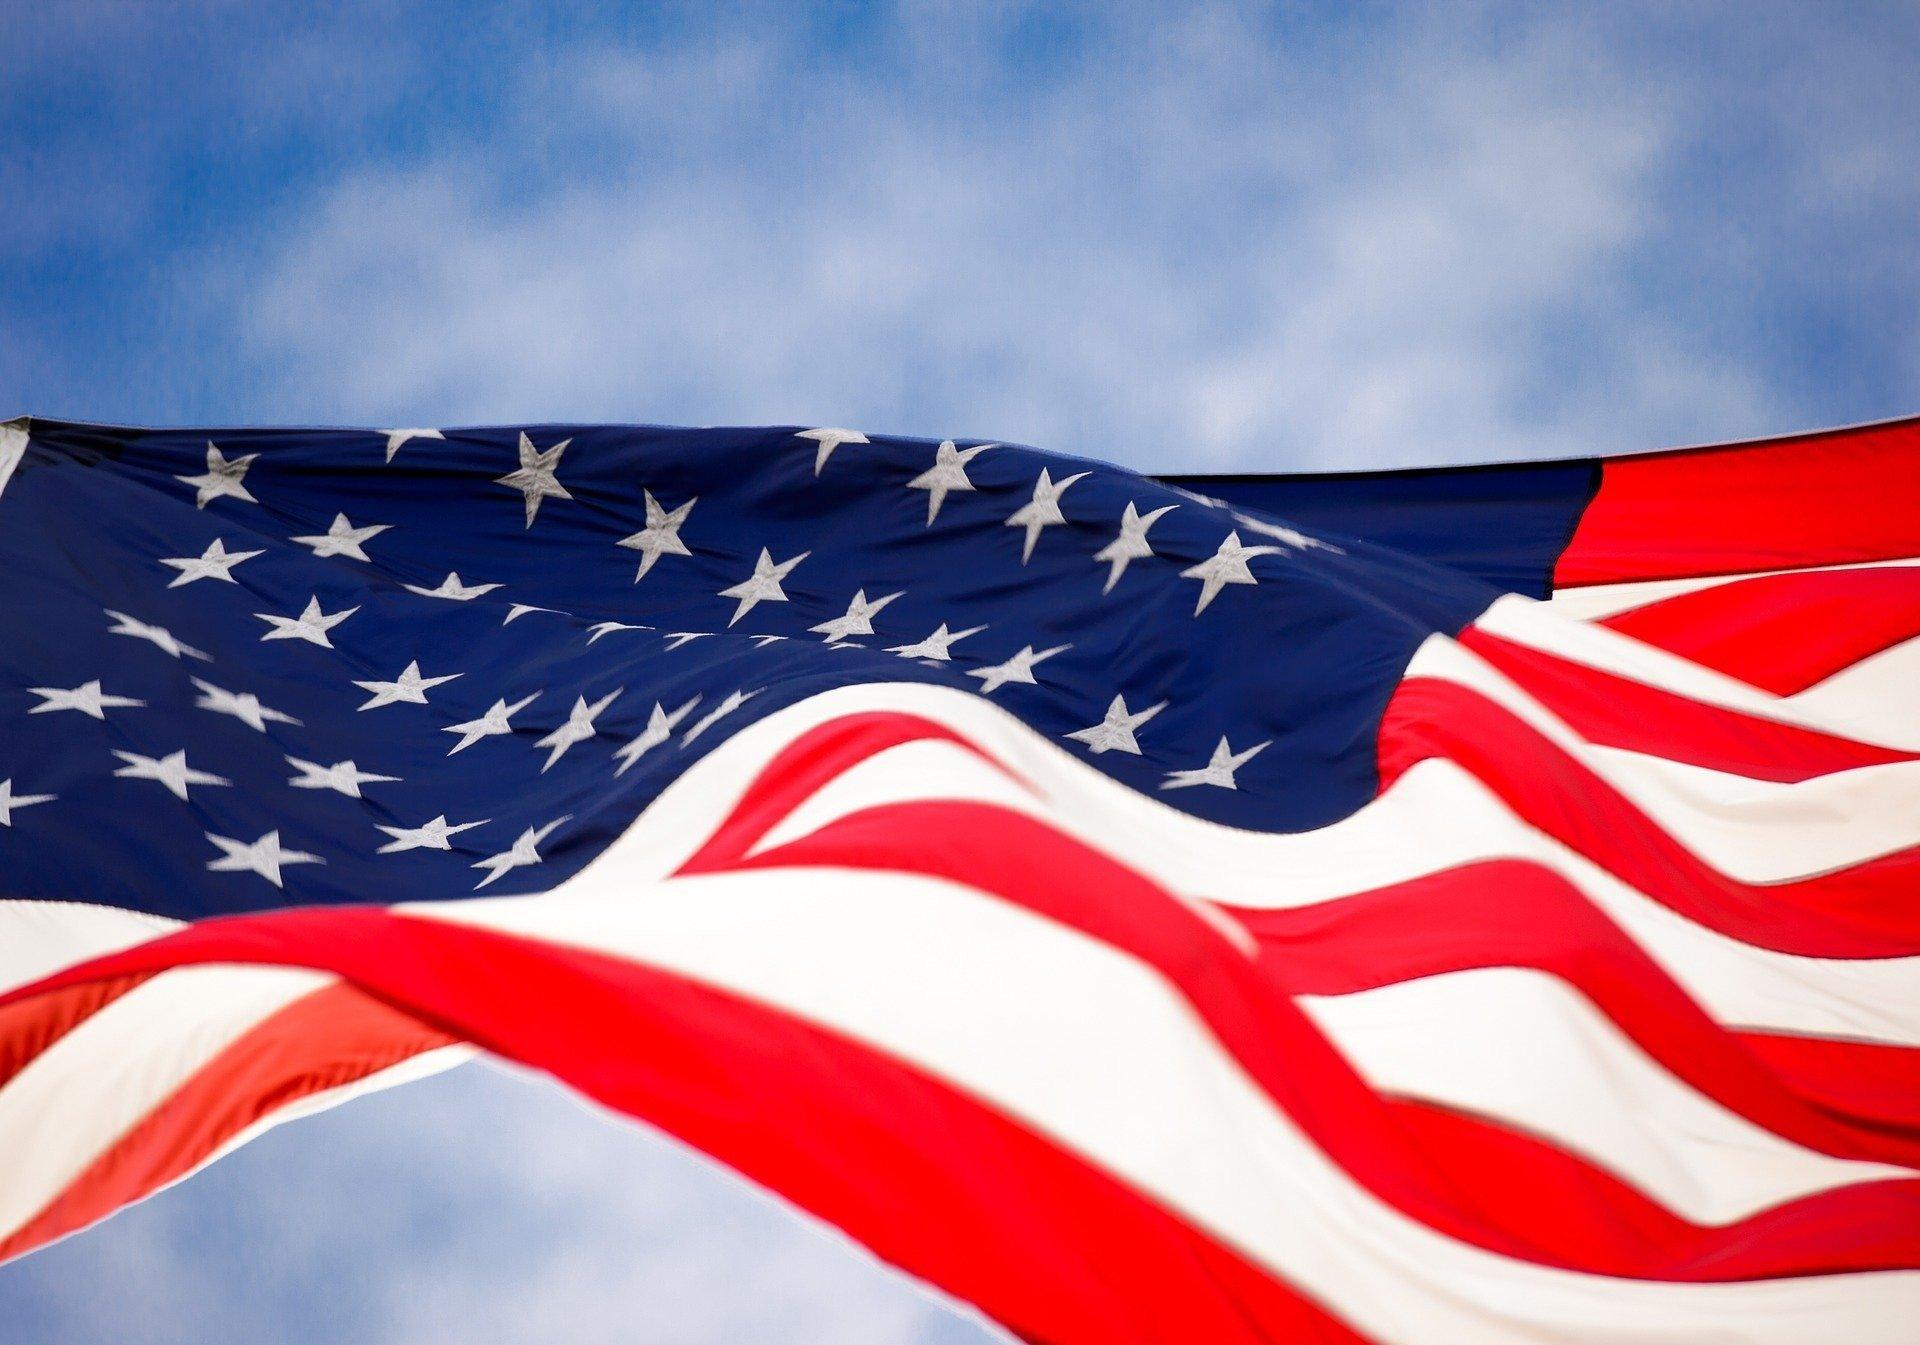 В США вызвала скандал речь конгрессмена на митинге в Вашингтоне